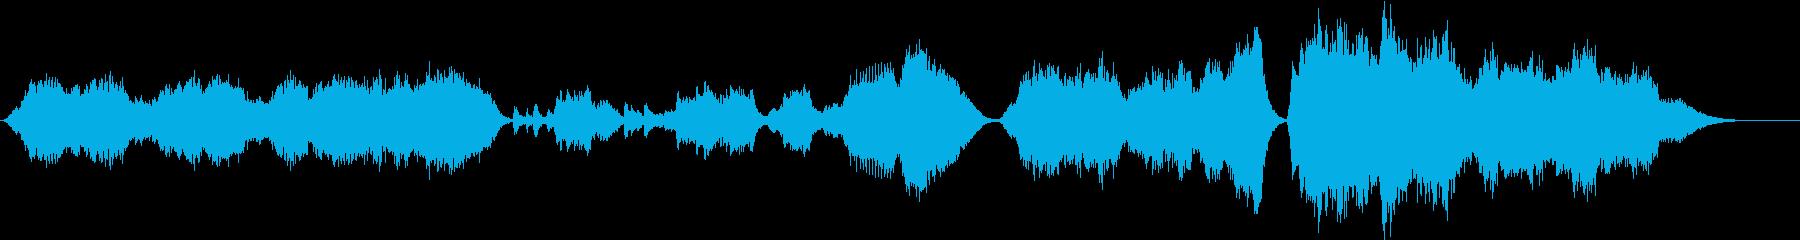 壮大で感動を誘うストリングスの曲の再生済みの波形